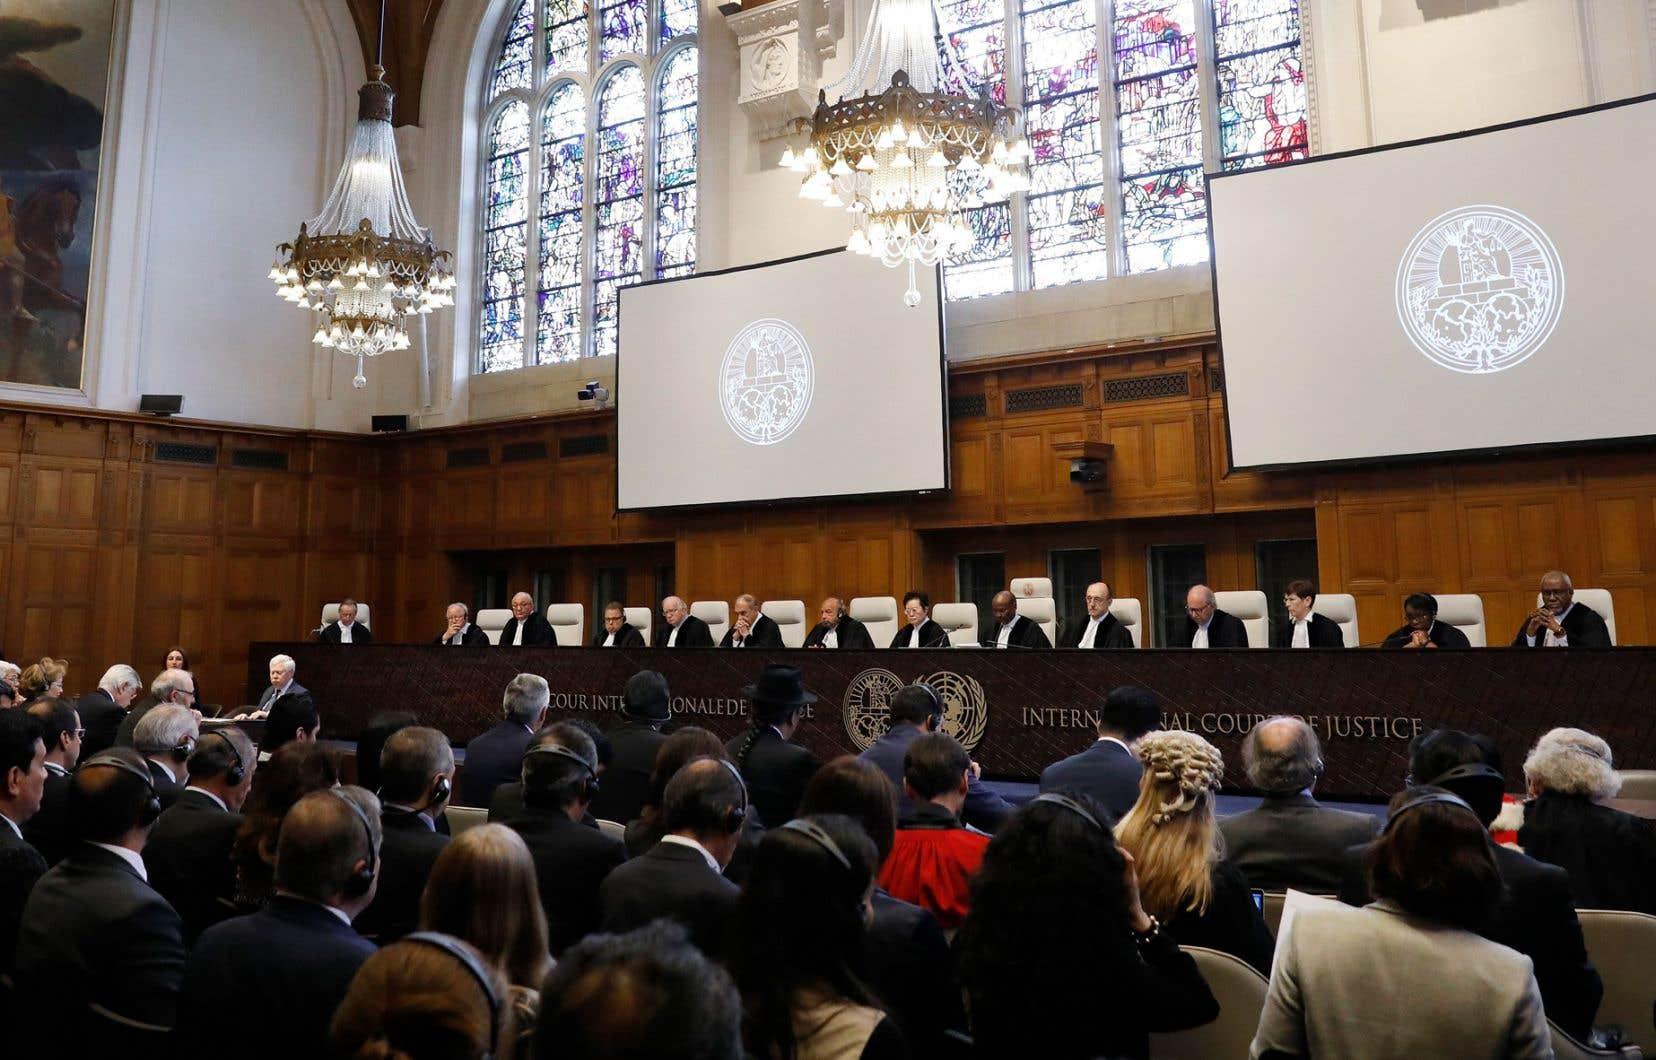 Les juges de la plus haute instance judiciaire des Nations unies ont décidé que les sanctions visant certains biens constituaient une violation du traité d'amitié de 1955 censé encourager les échanges commerciaux entre les deux pays.